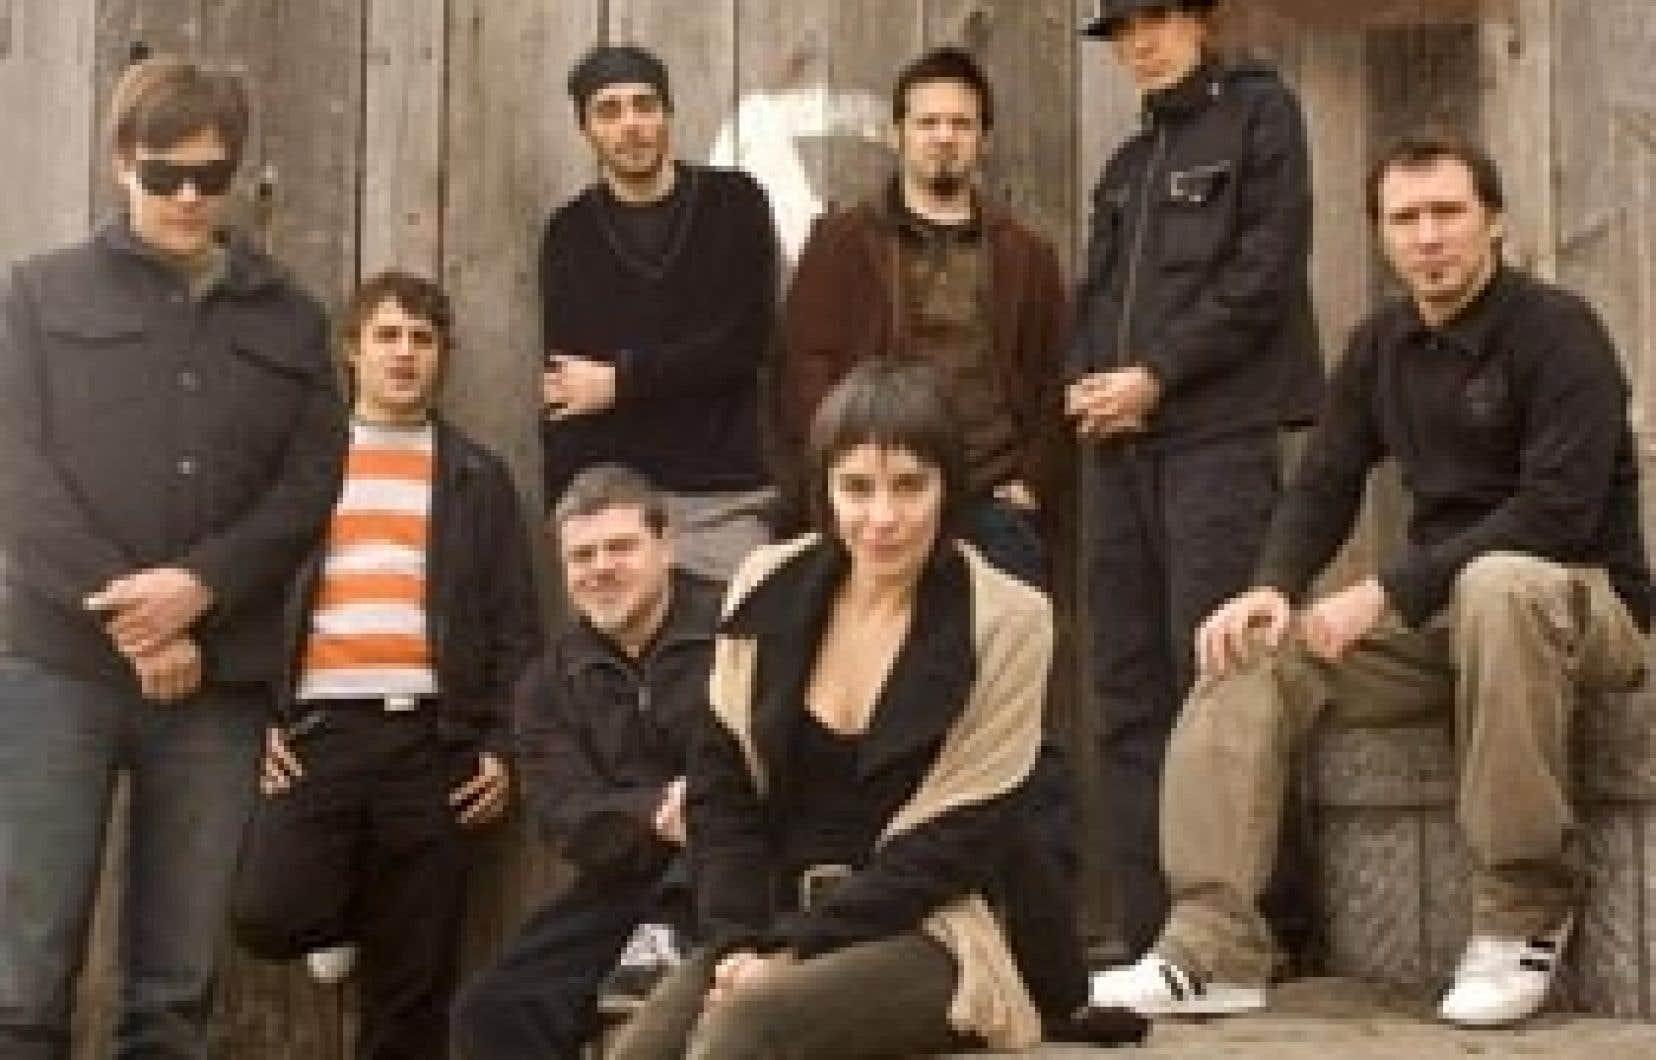 Ils viennent d'Argentine et d'Uruguay, ont commencé sous le nom de Bajofondo Tangoclub, ont fait paraître un premier disque en 2002, puis ont laissé tomber de leur nom le Tangoclub pour bien affirmer le caractère distinct d'une musique qui ne s